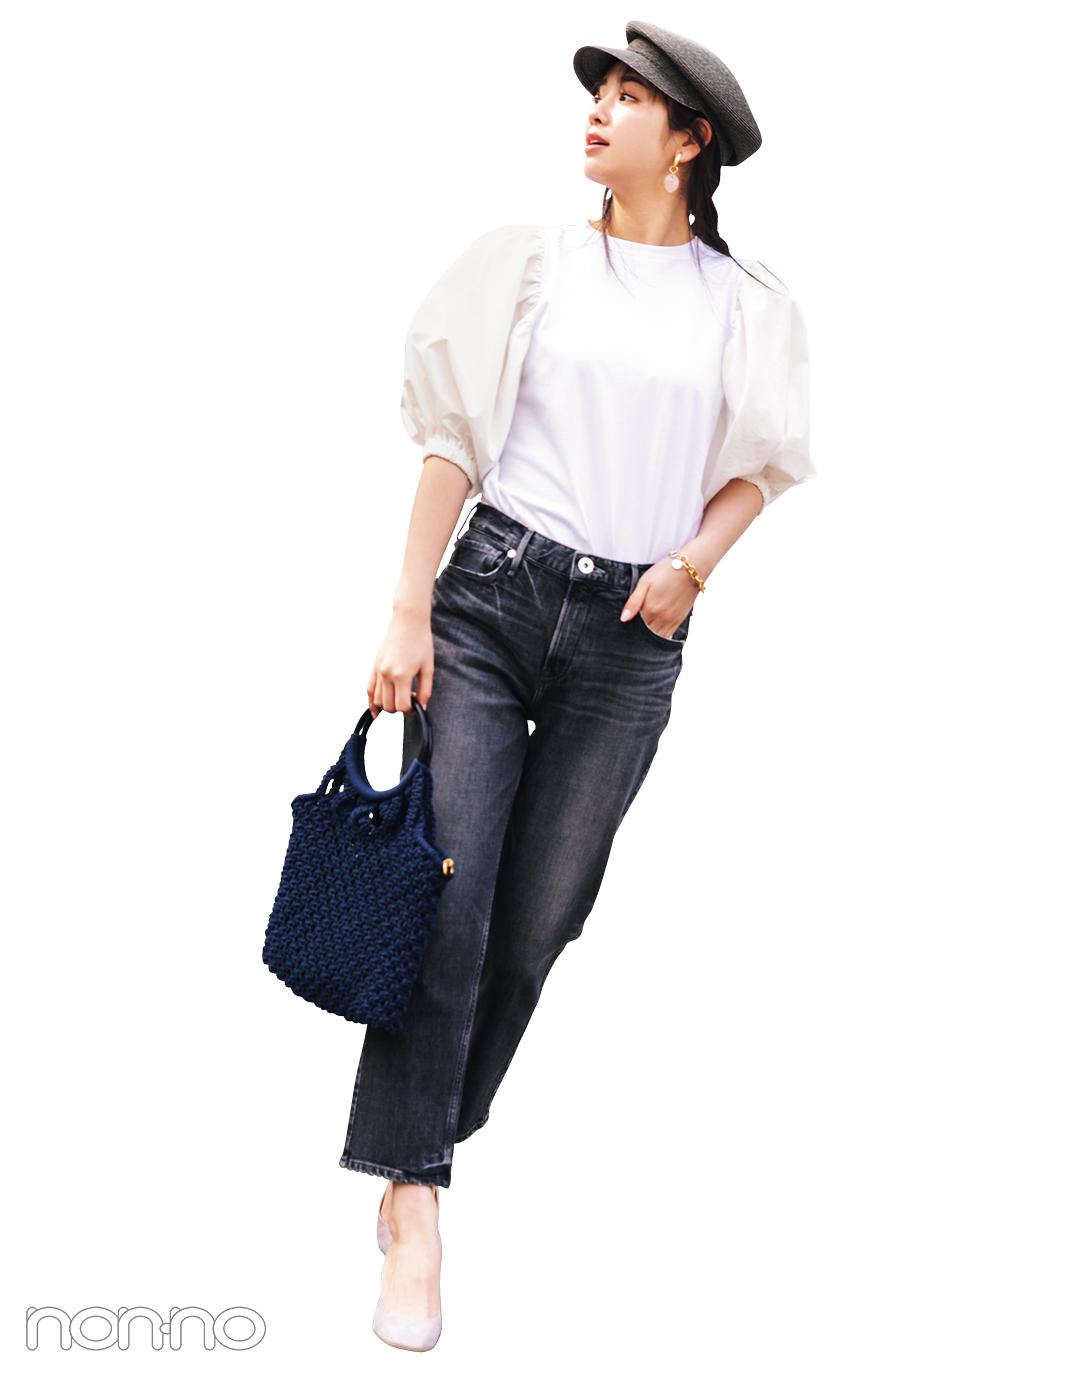 横田真悠が着るスタイルアップするCAROLINA GLASERのパワショルTシャツコーデ21